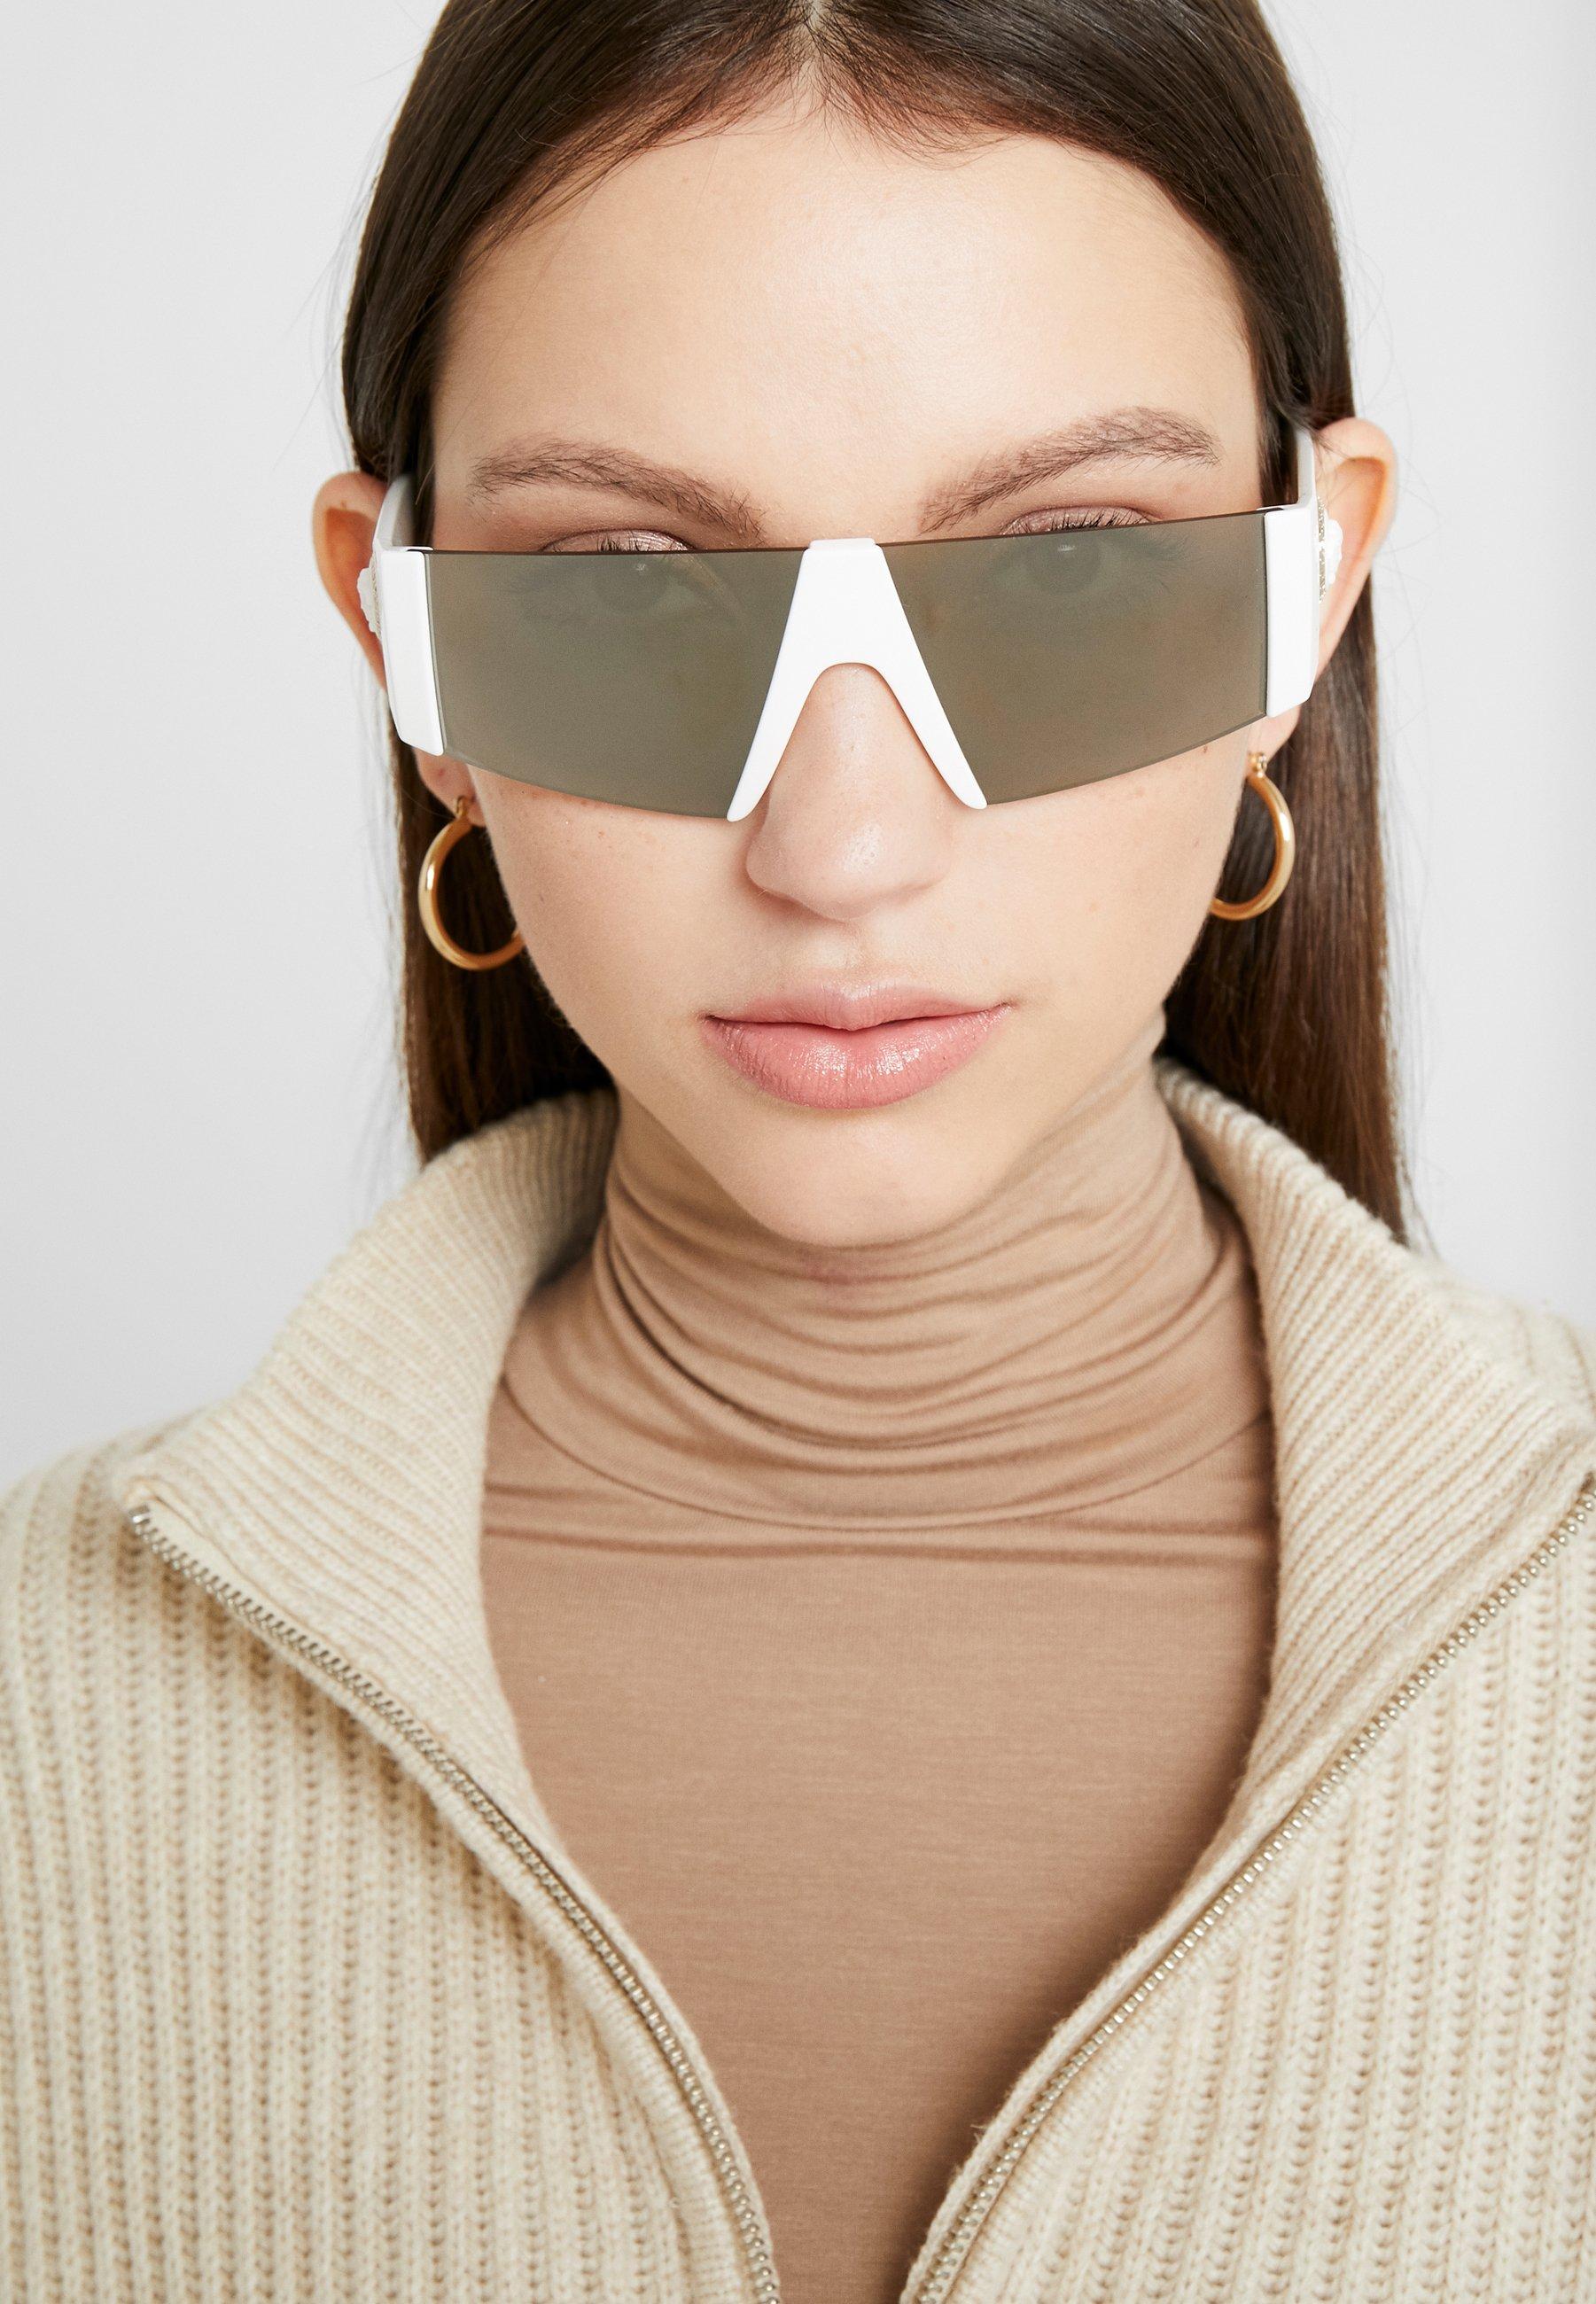 Versace Okulary przeciwsłoneczne - white/brown mirror/dark gold-coloured